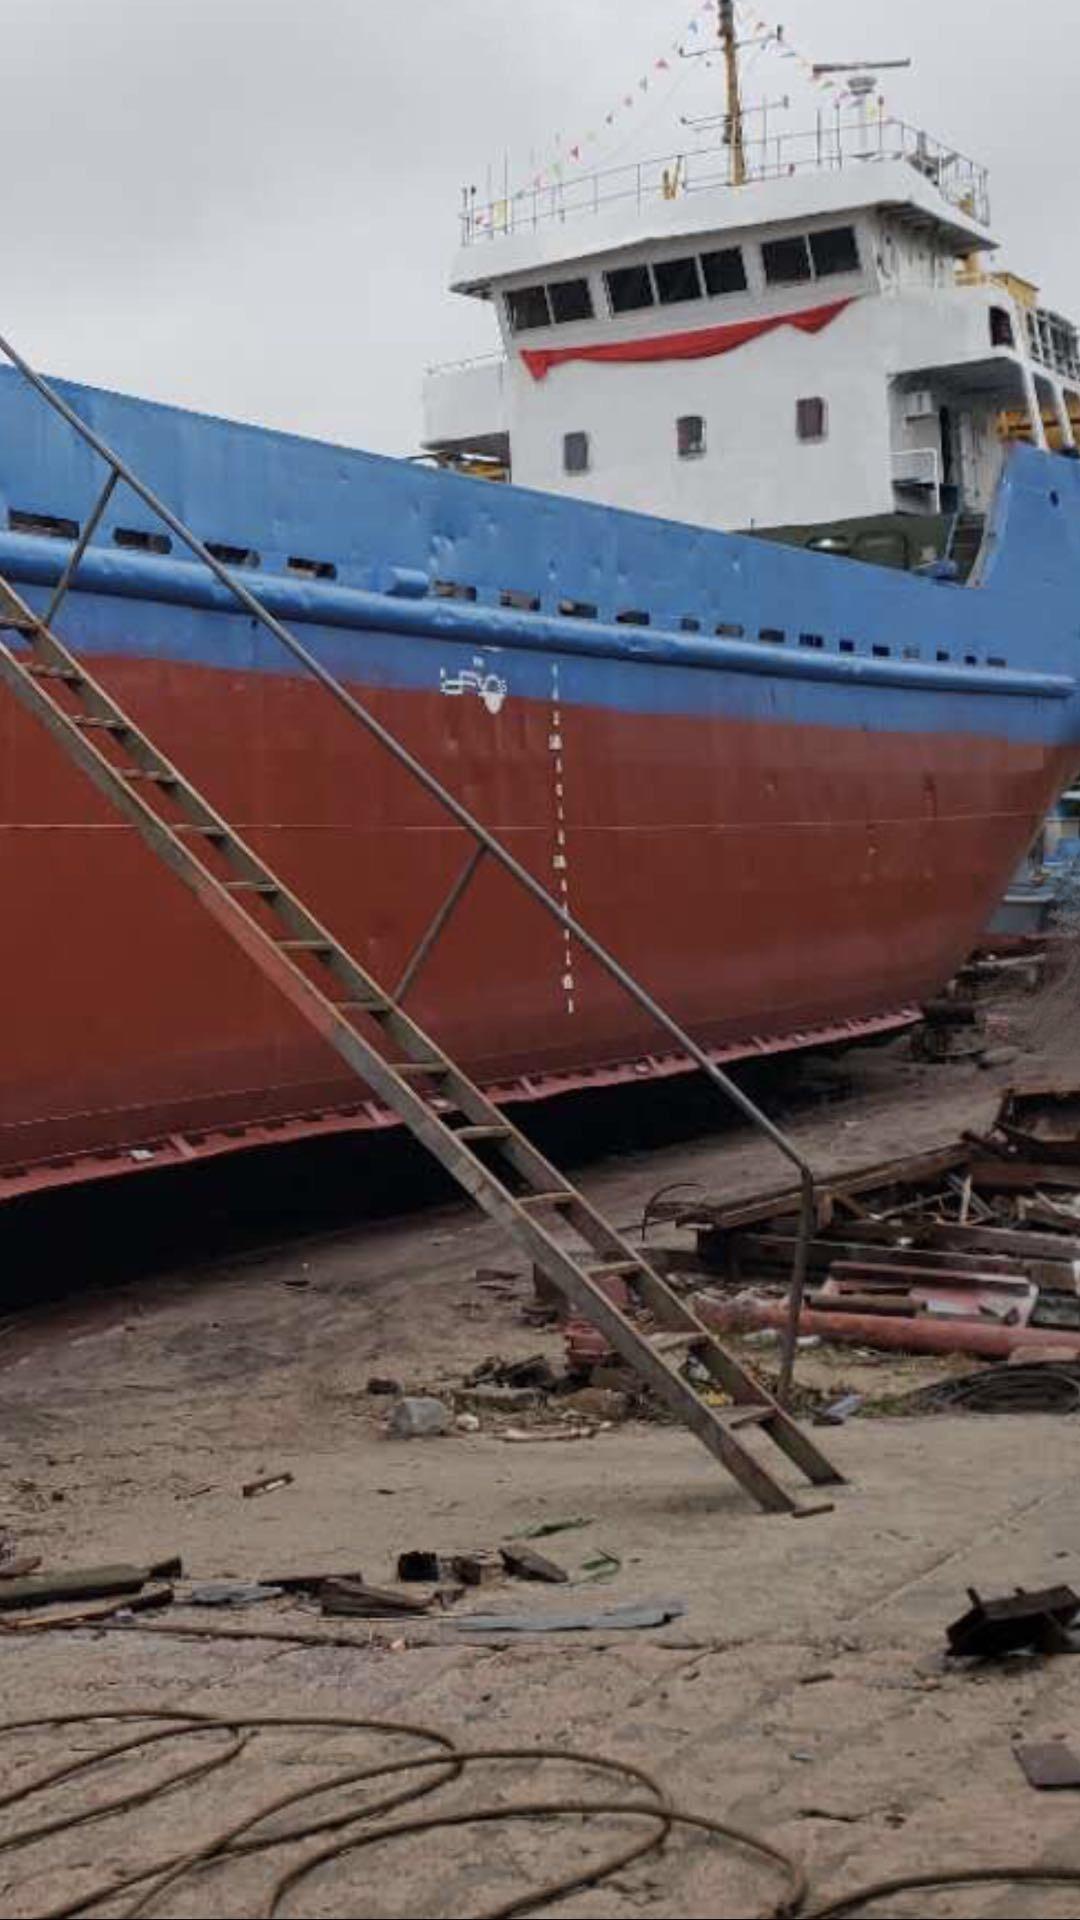 5.3万吨散货船价格_5000吨货船年利润05年1000吨货船【散货船出售】,船舶买卖租赁